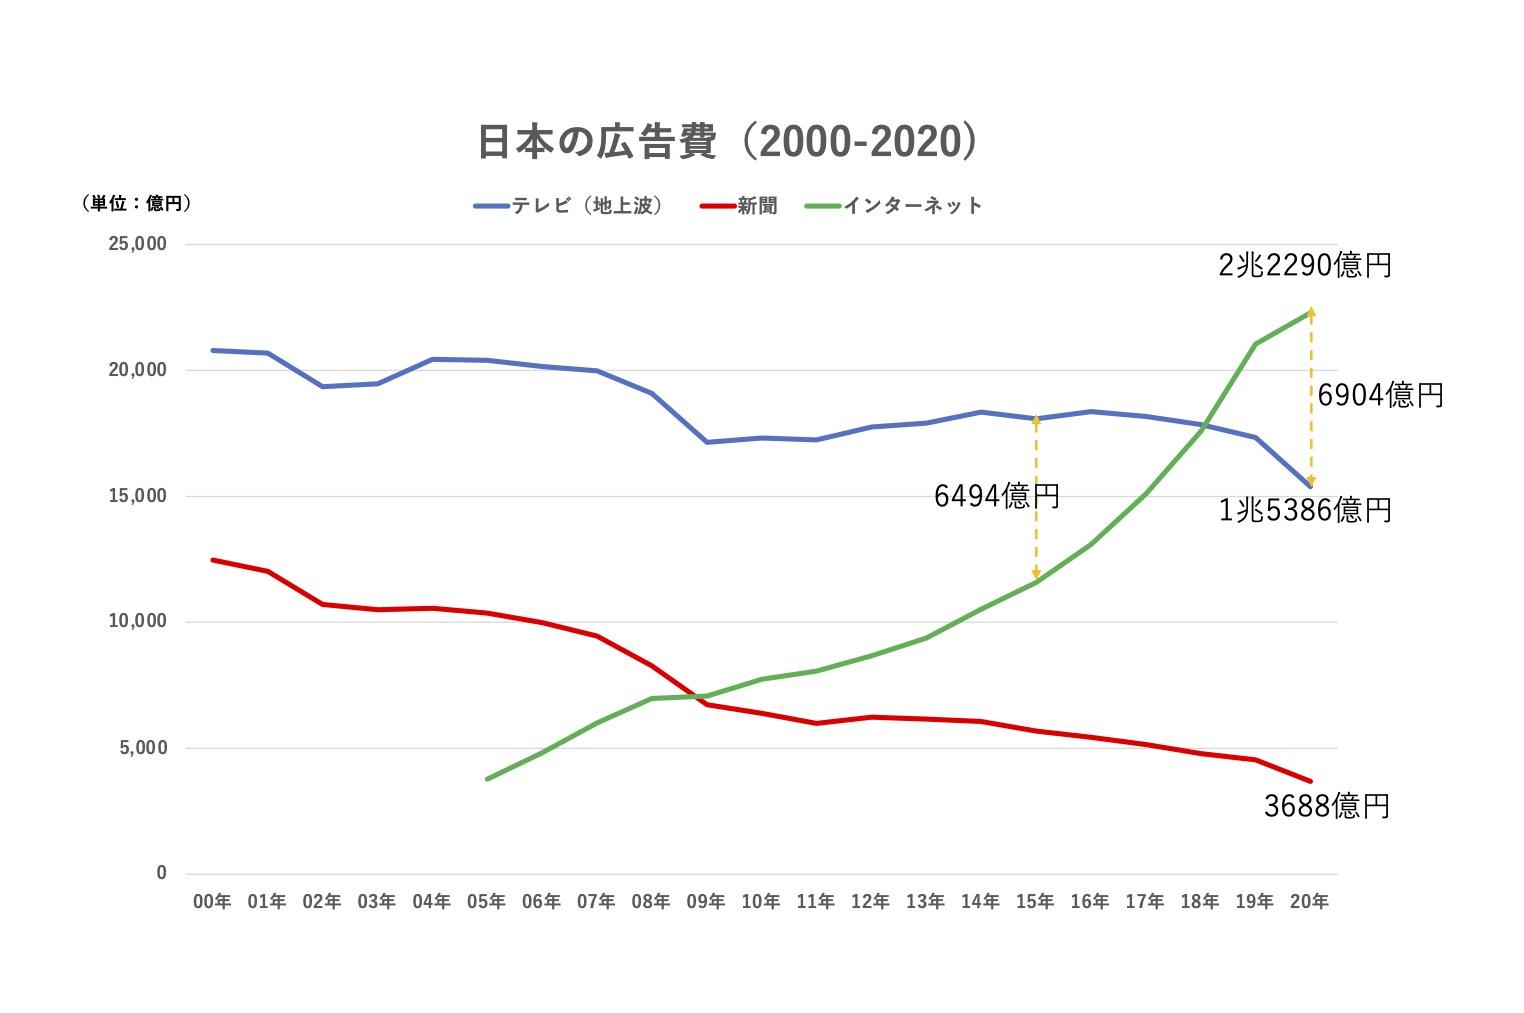 日本の広告費2020発表、コロナ禍でインターネット広告に突き放されたテレビ広告